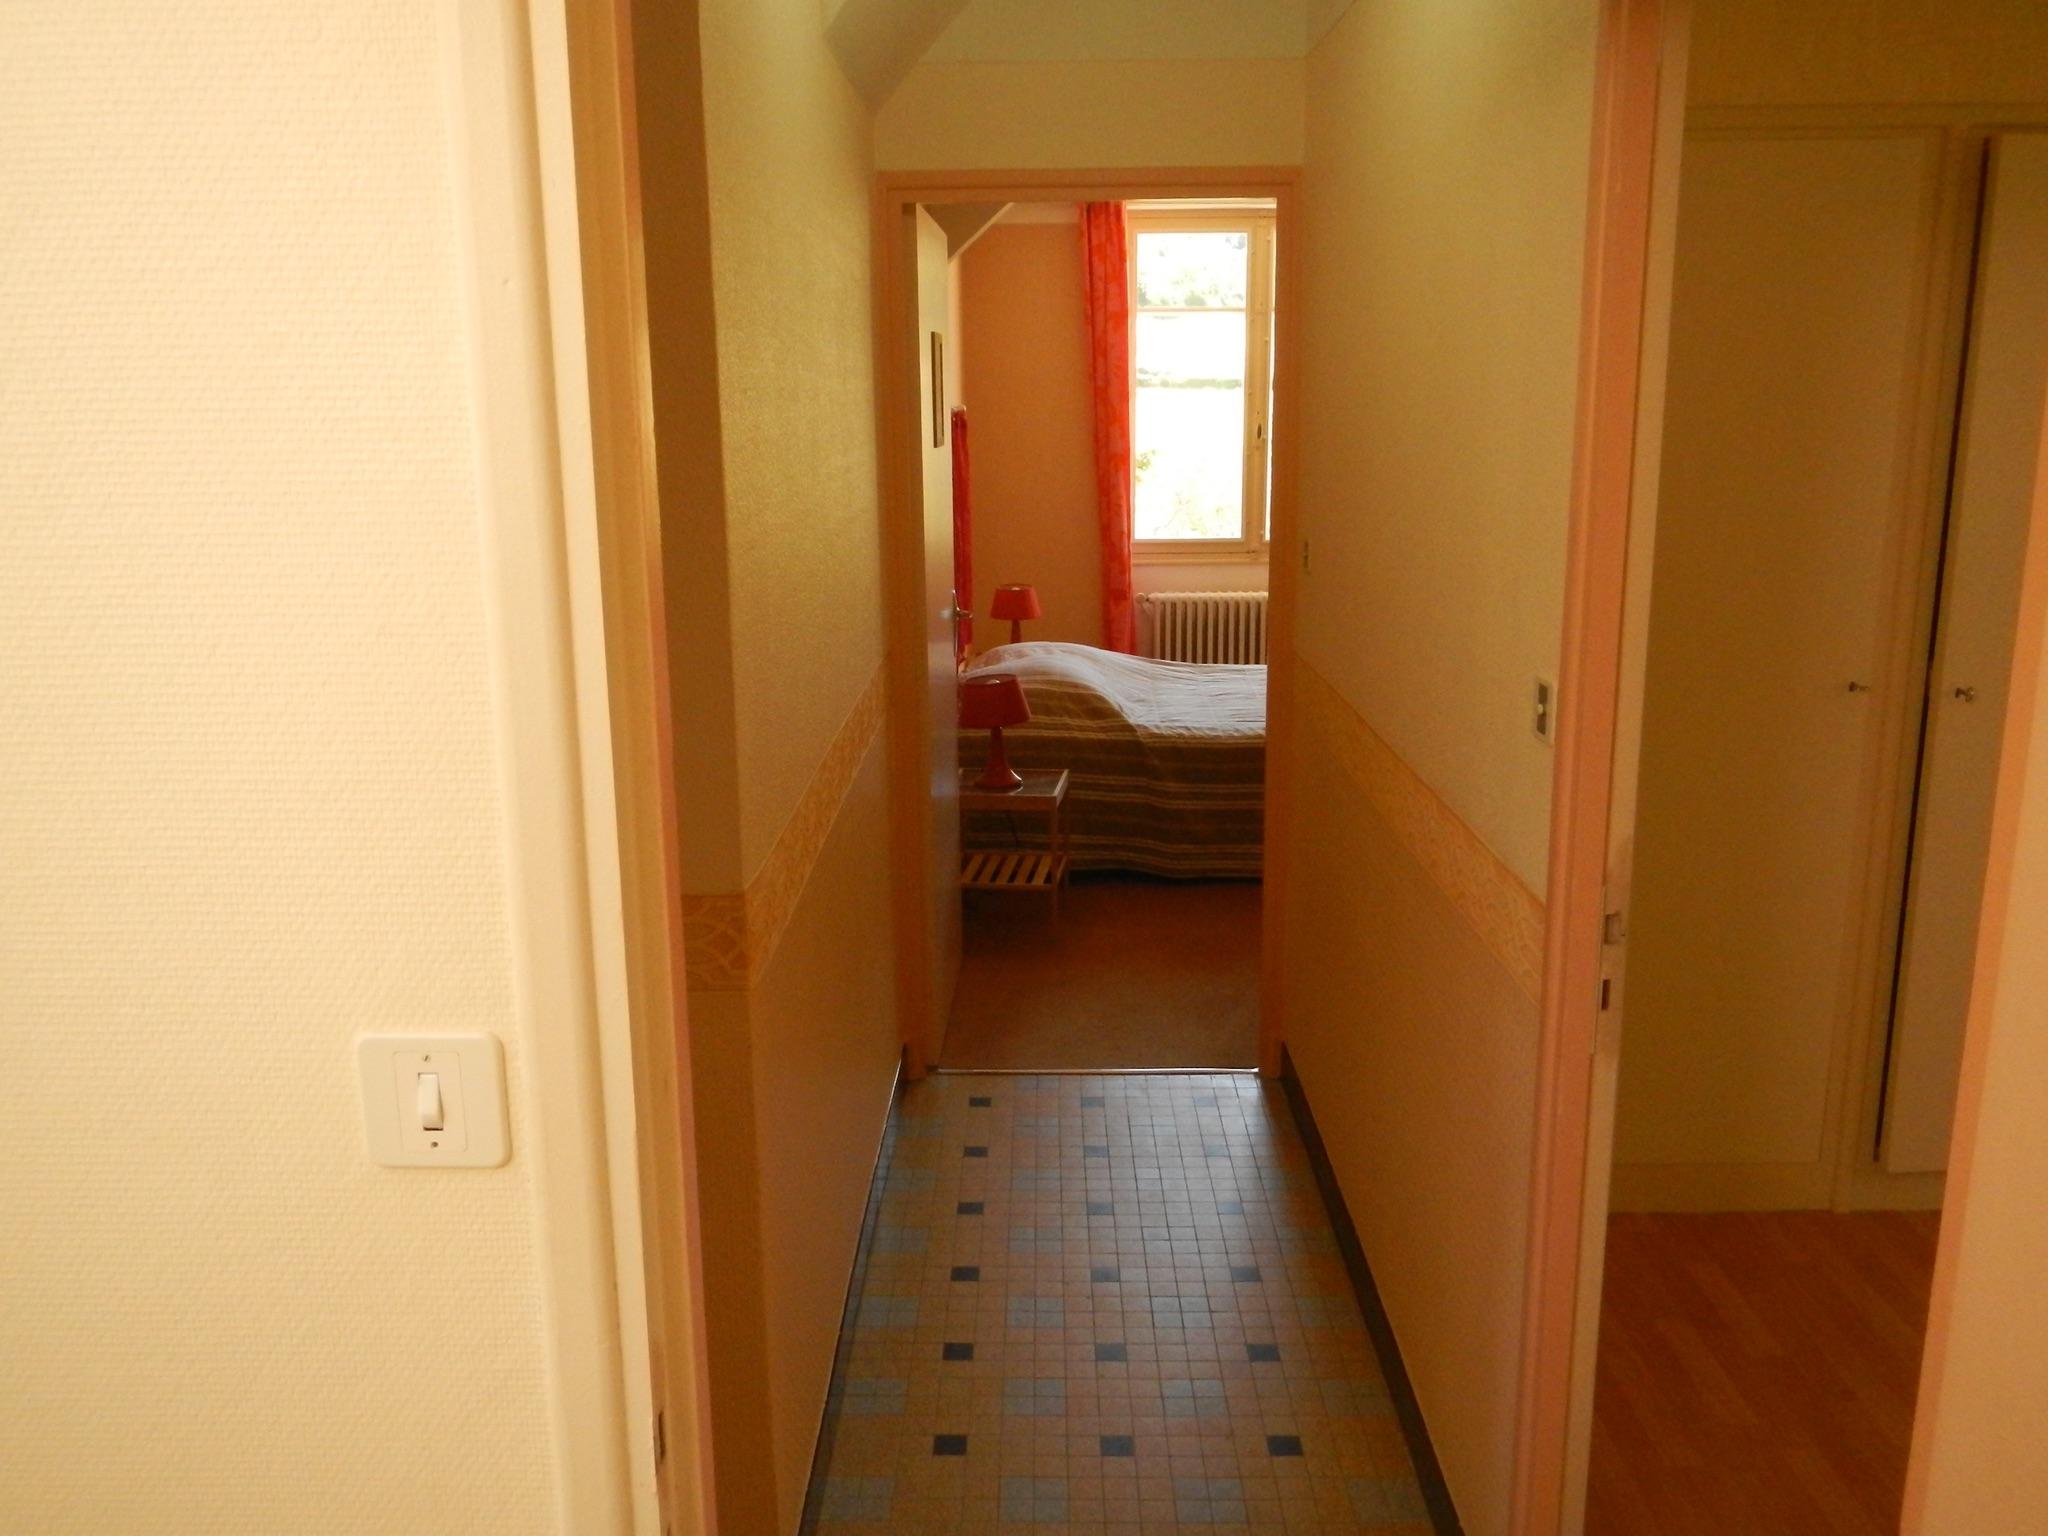 Ferienhaus Haus mit 6 Zimmern in Banassac mit toller Aussicht auf die Berge und eingezäuntem Garten - (2202056), Banassac, Lozère, Languedoc-Roussillon, Frankreich, Bild 15